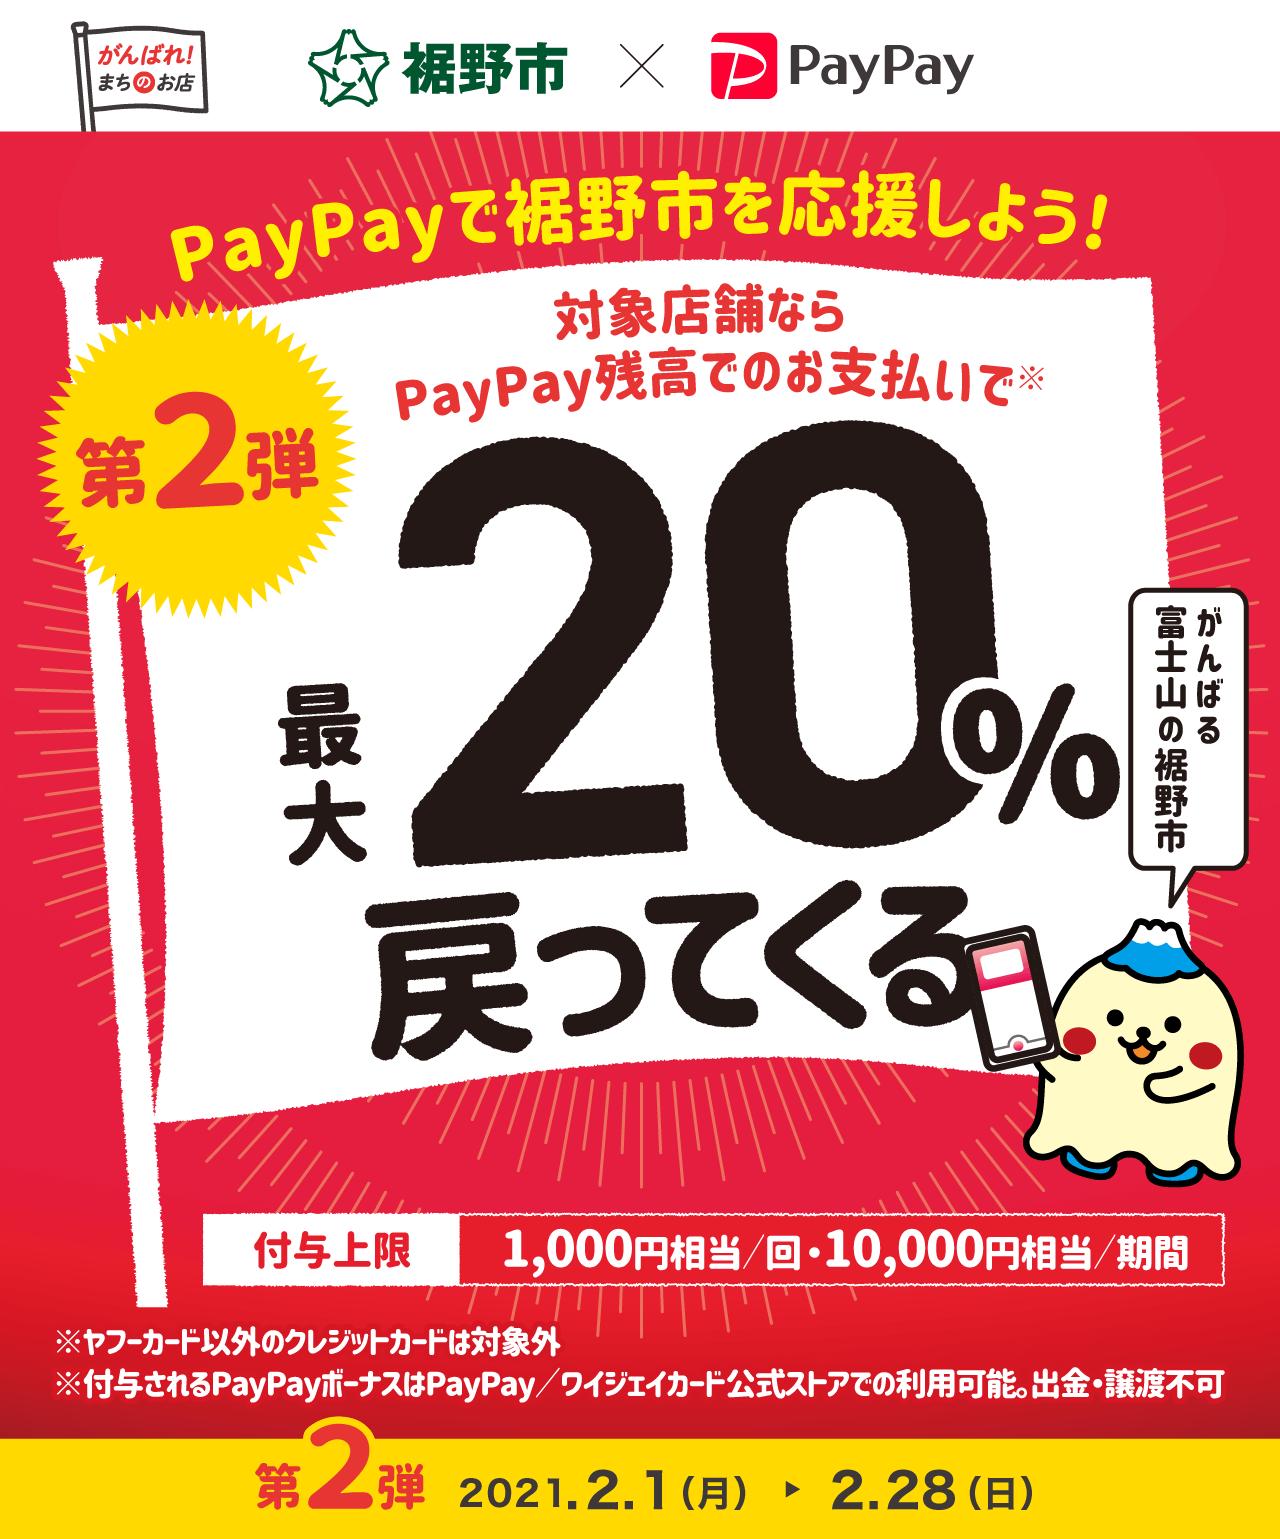 PayPayで裾野市を応援しよう! 第2弾 対象店舗ならPayPay残高でのお支払いで 最大20%戻ってくる